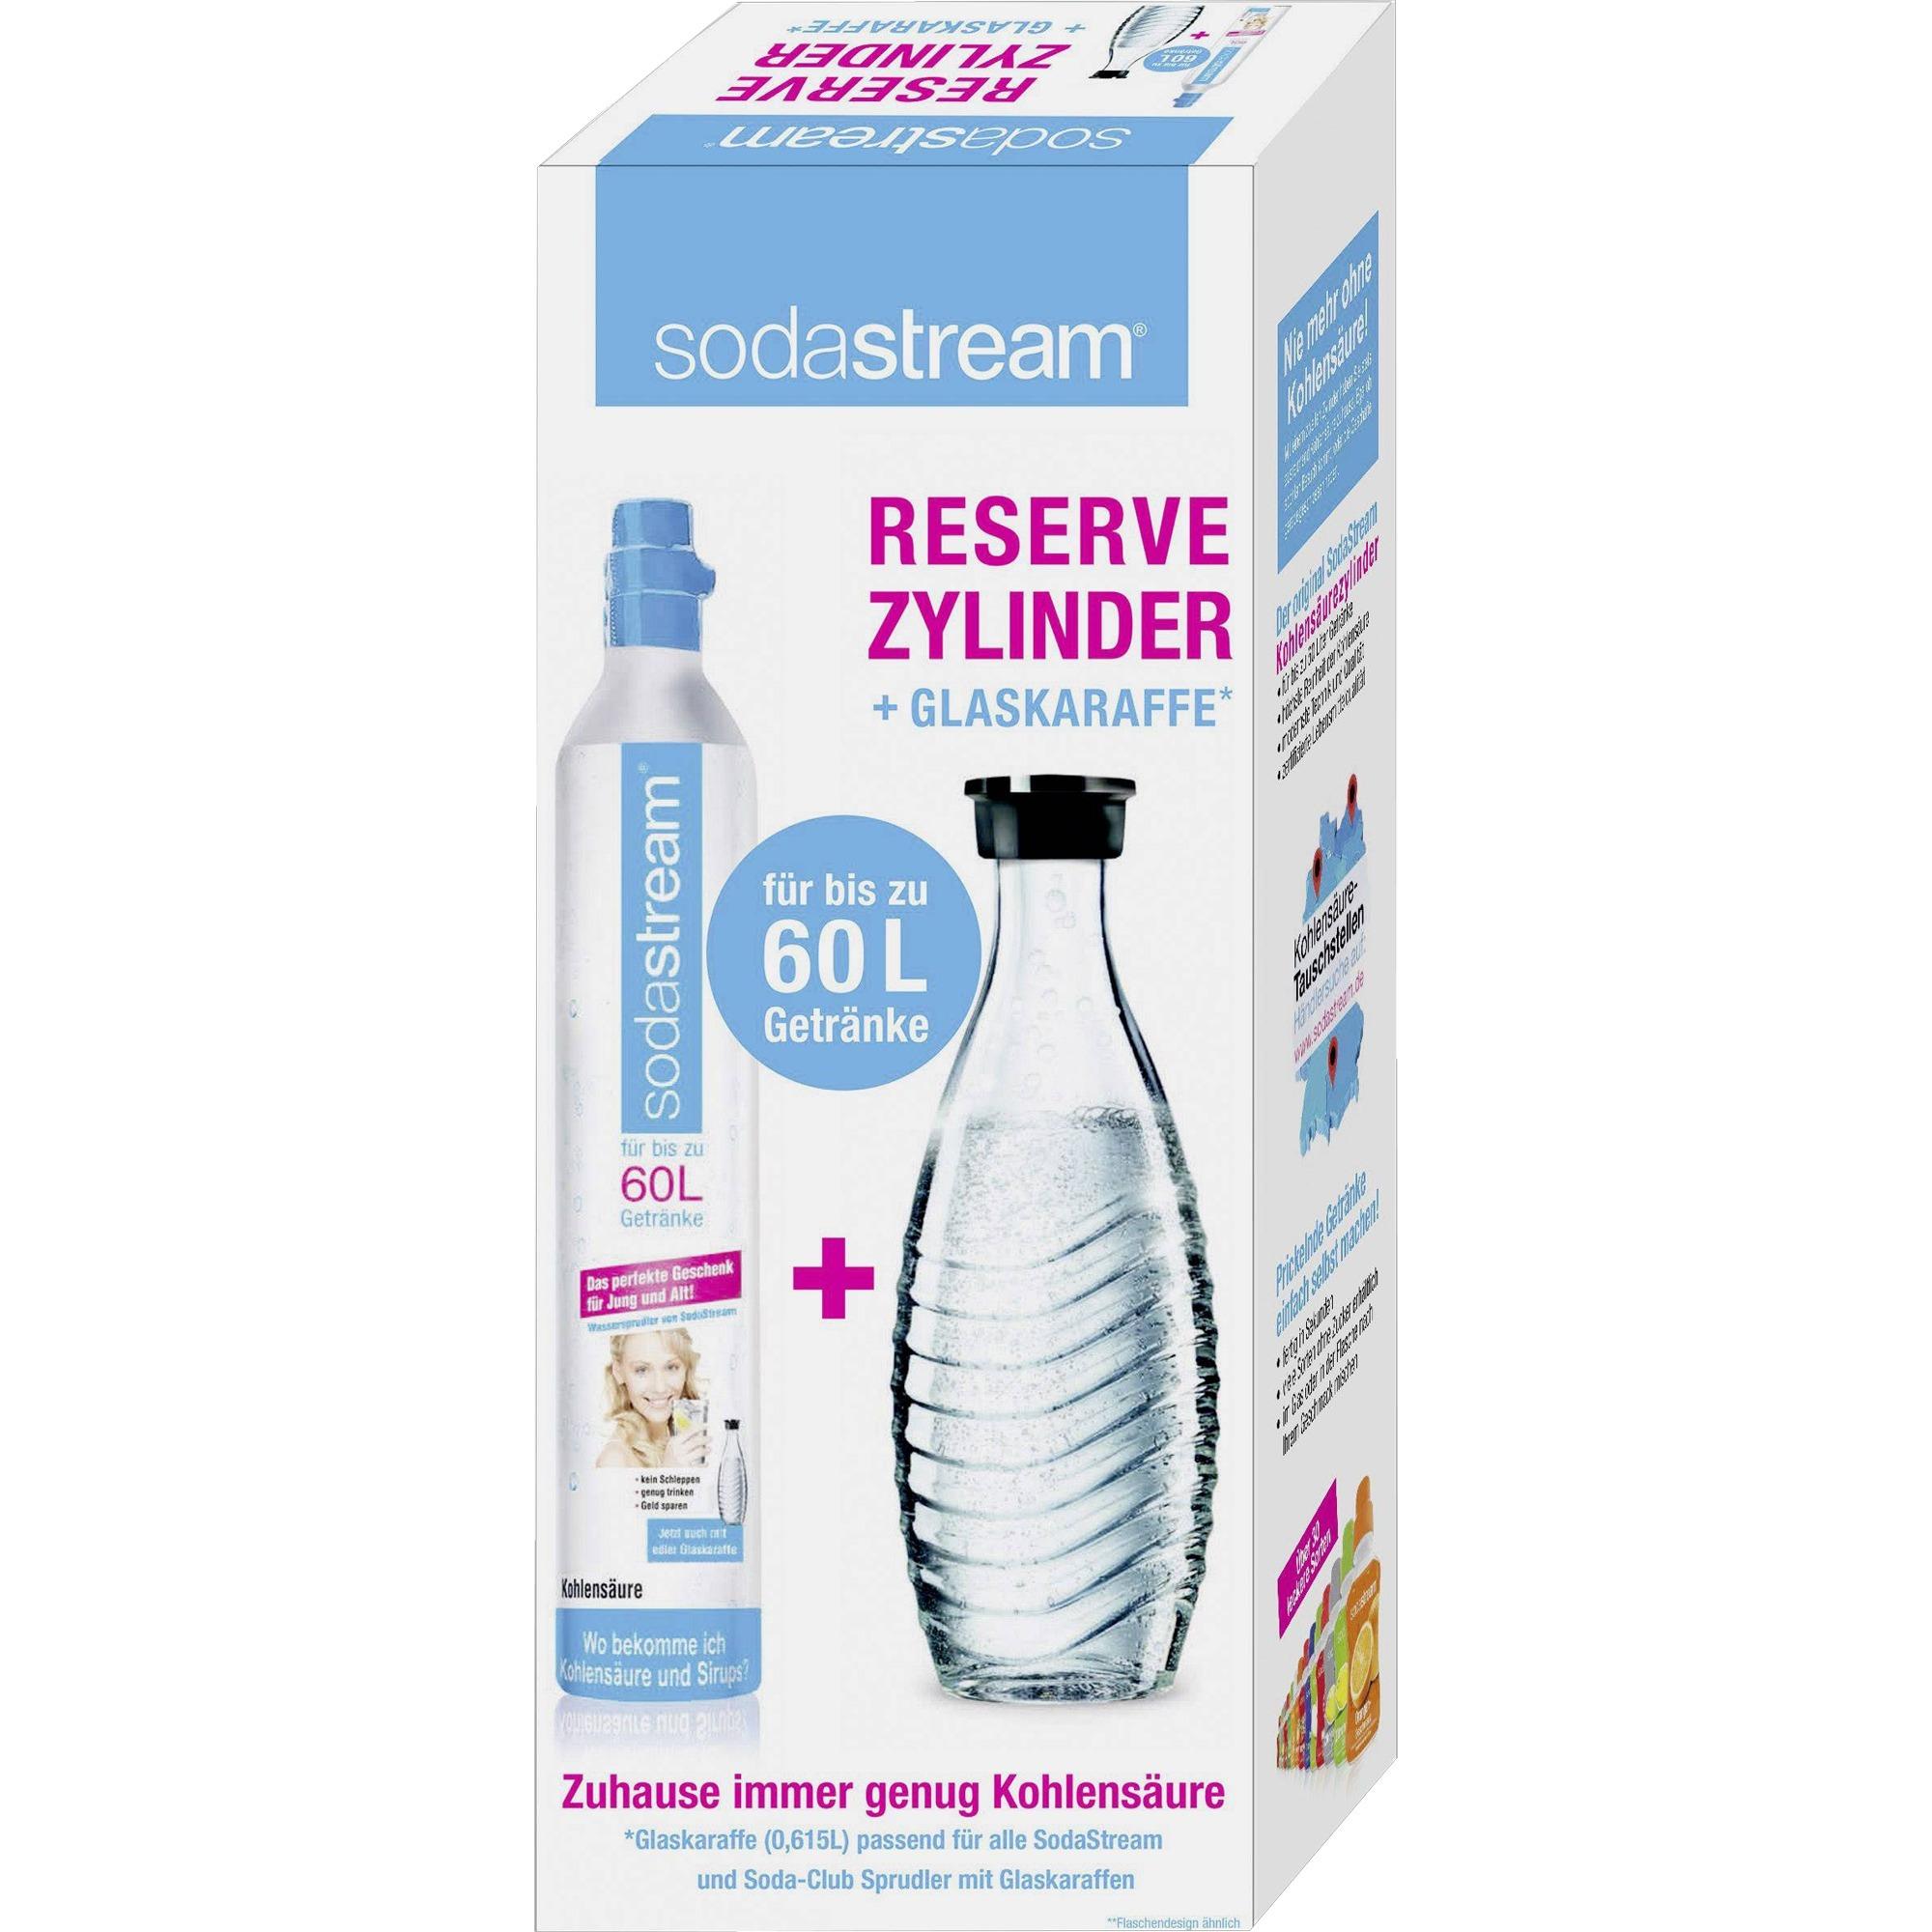 1100065490 consumible y accesorio para carbonatador Botella para bebida carbonatada + Cargador carbonatador, Gasificador de agua